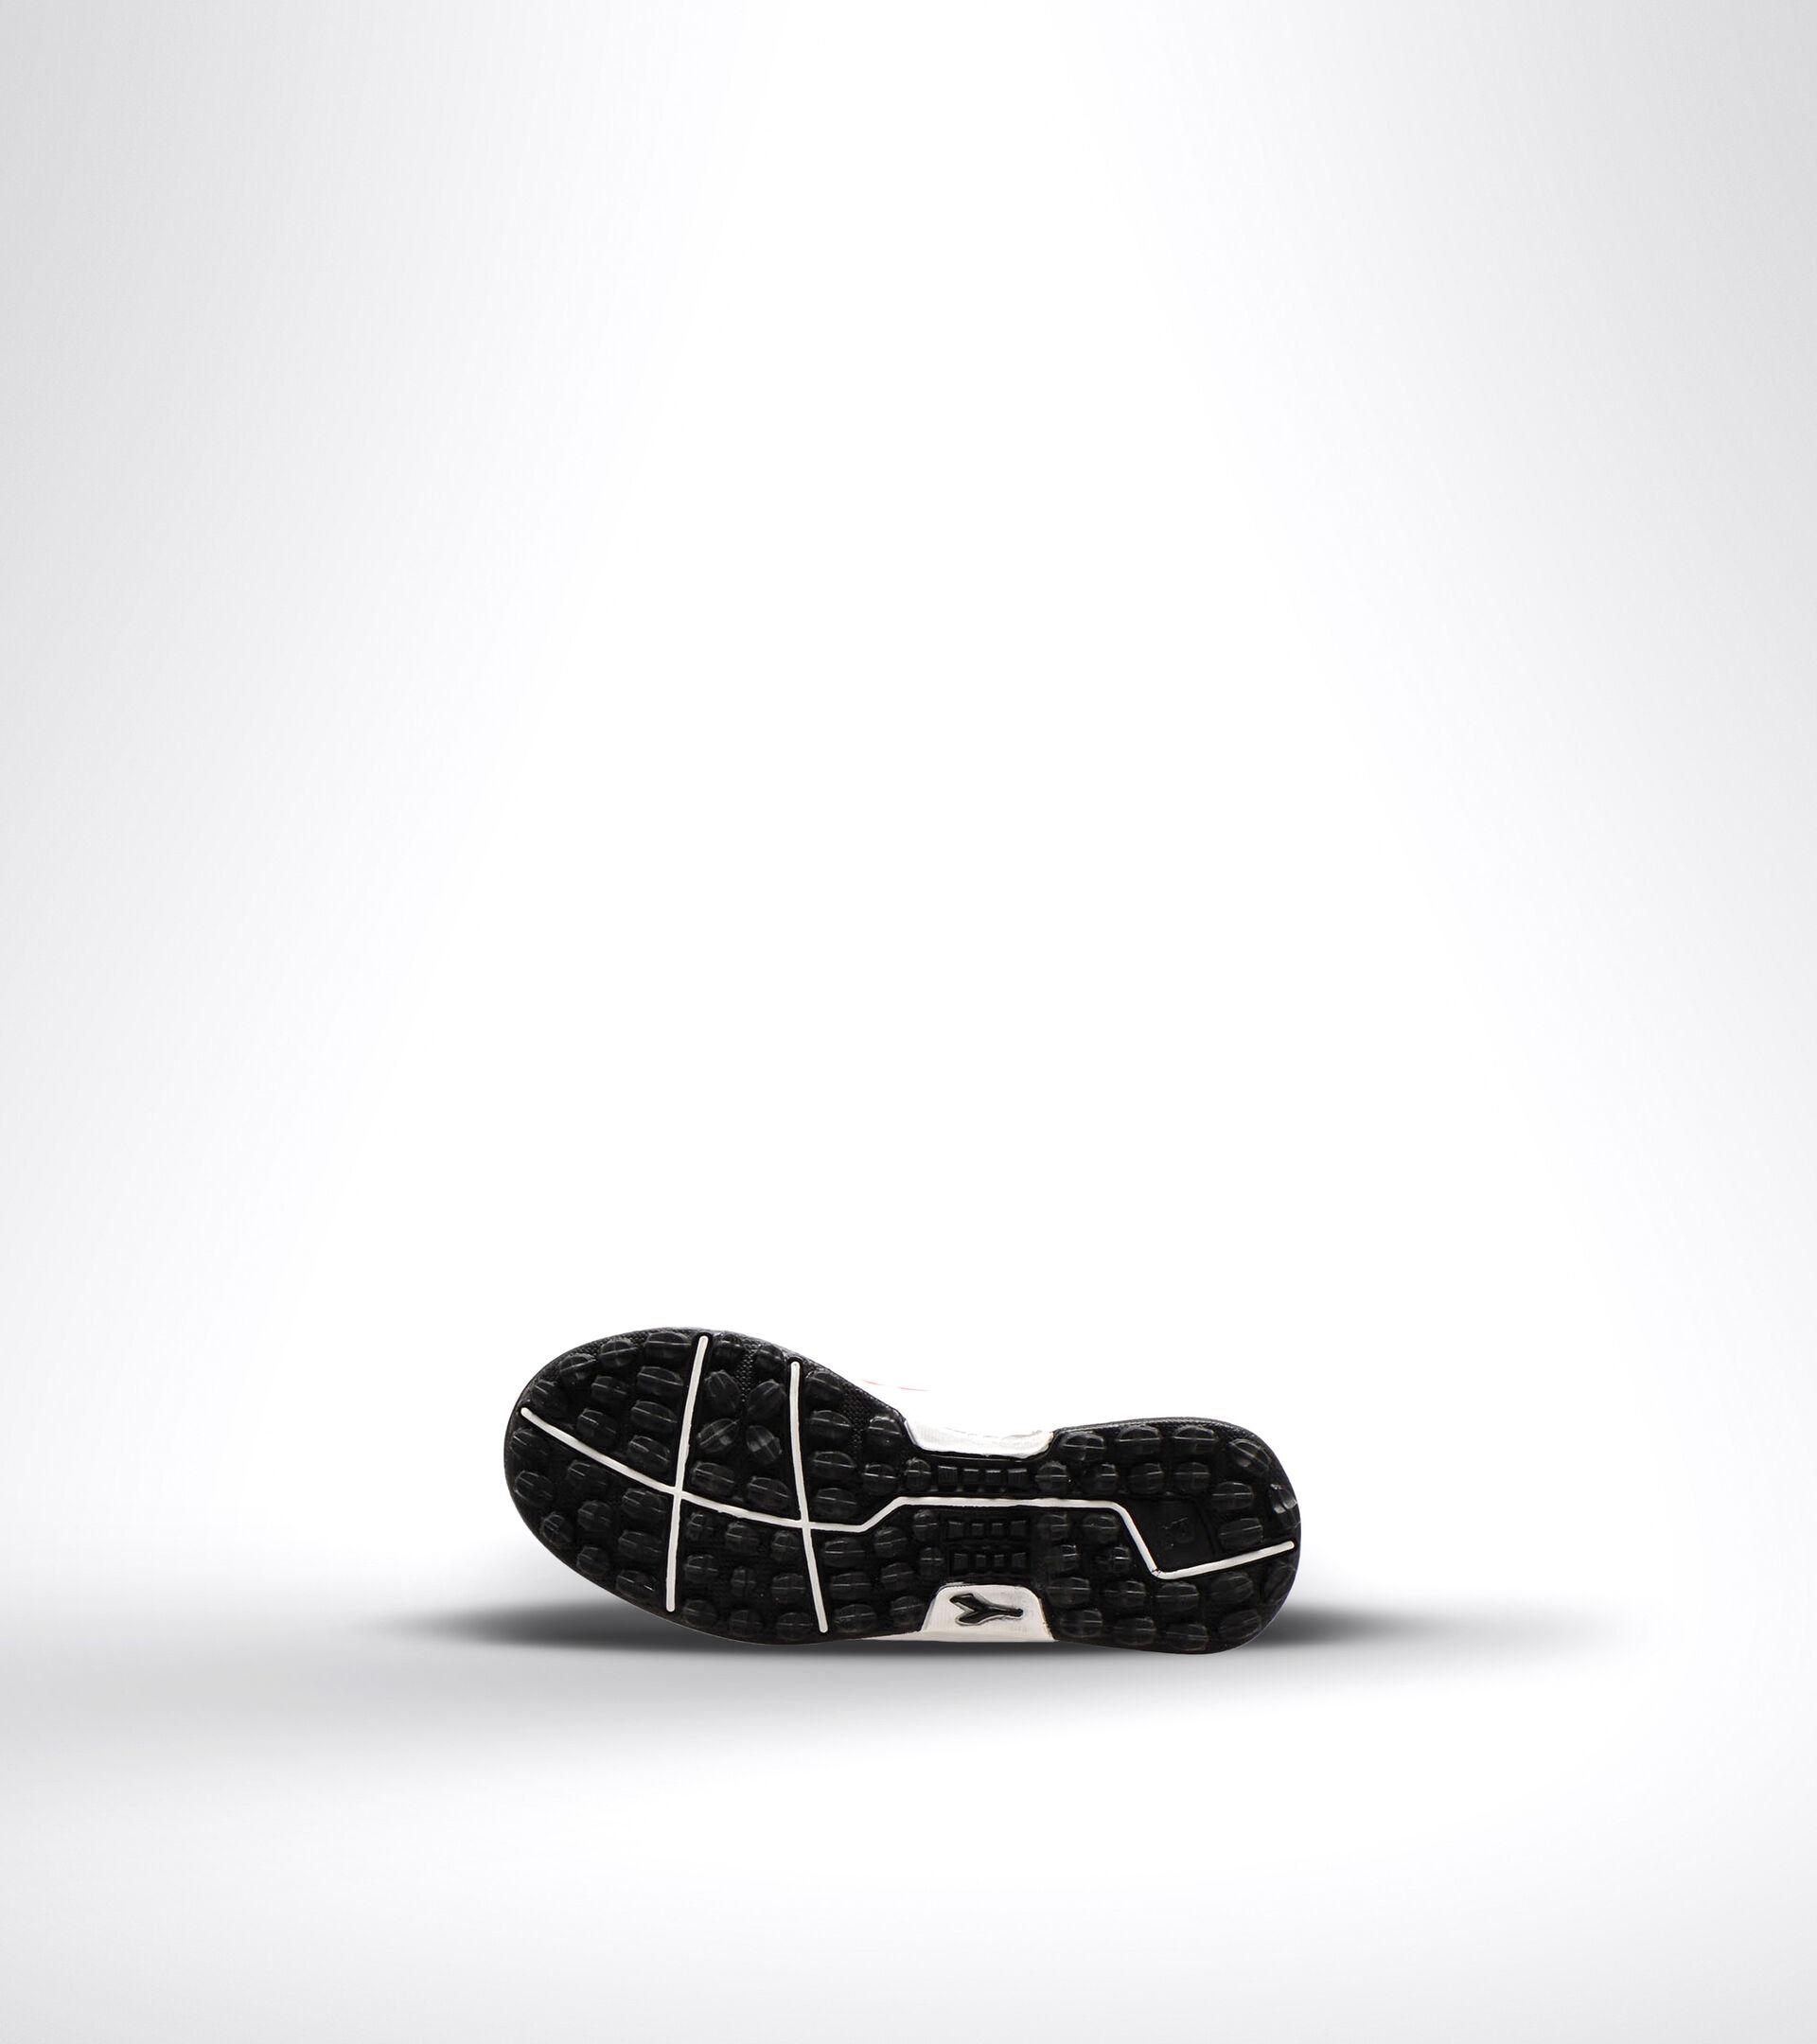 Fußballschuh für harte Böden oder Kunstrasen - Unisex Kind PICHICHI 3 TF JR VE BIANCO/NERO/ROSSO FLUO - Diadora